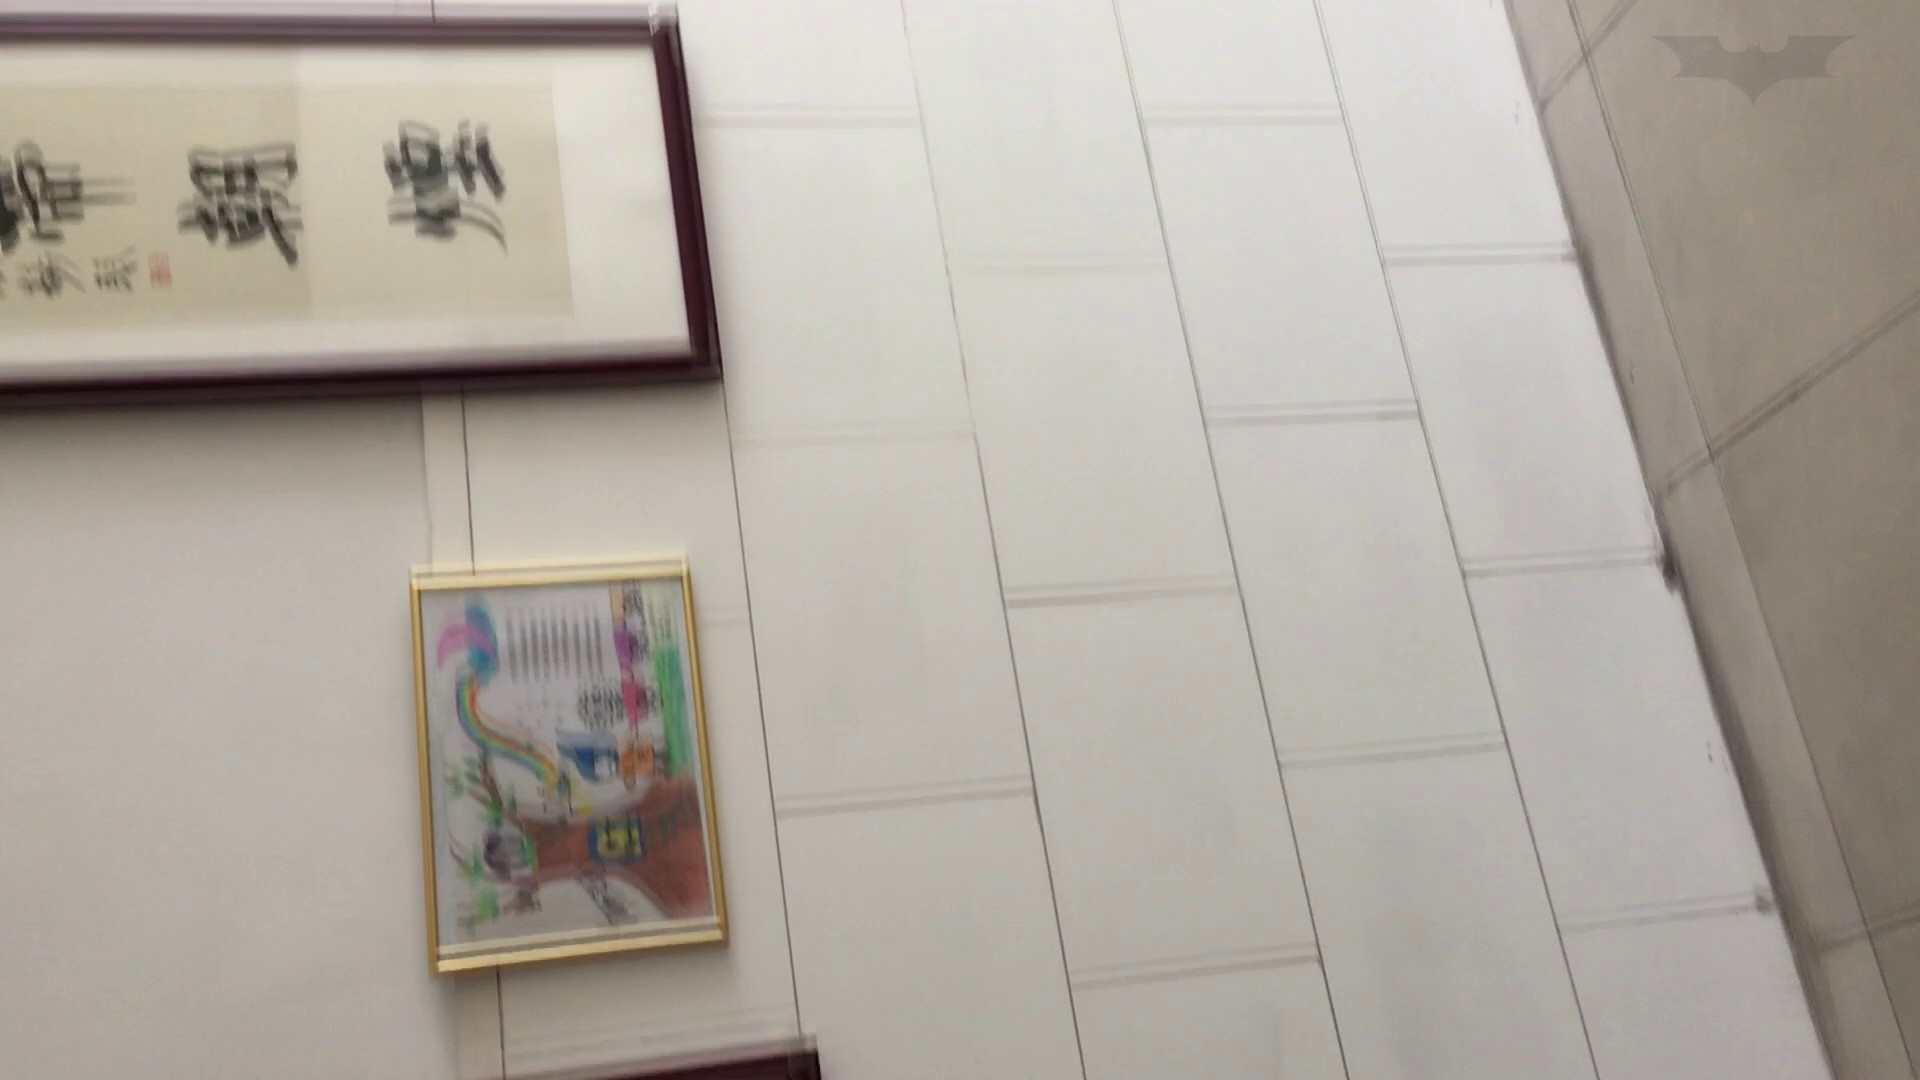 芸術大学ガチ潜入盗撮 JD盗撮 美女の洗面所の秘密 Vol.94 エッチすぎる美女 オメコ無修正動画無料 25連発 5